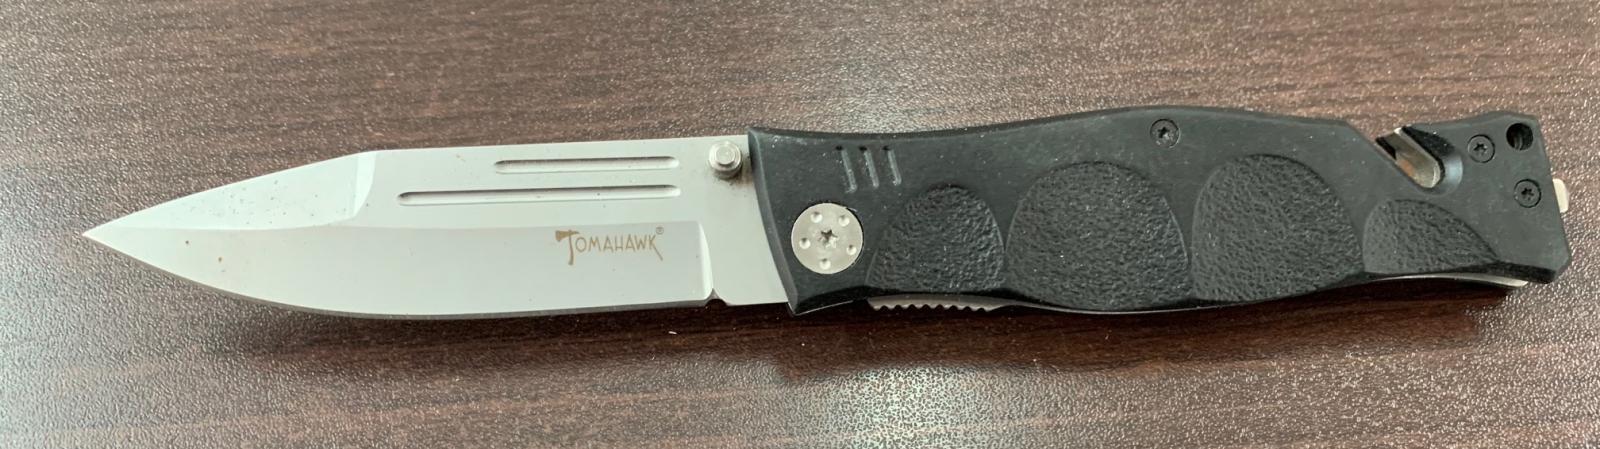 Складной нож Tomahawk с долами и удобной рукоятью